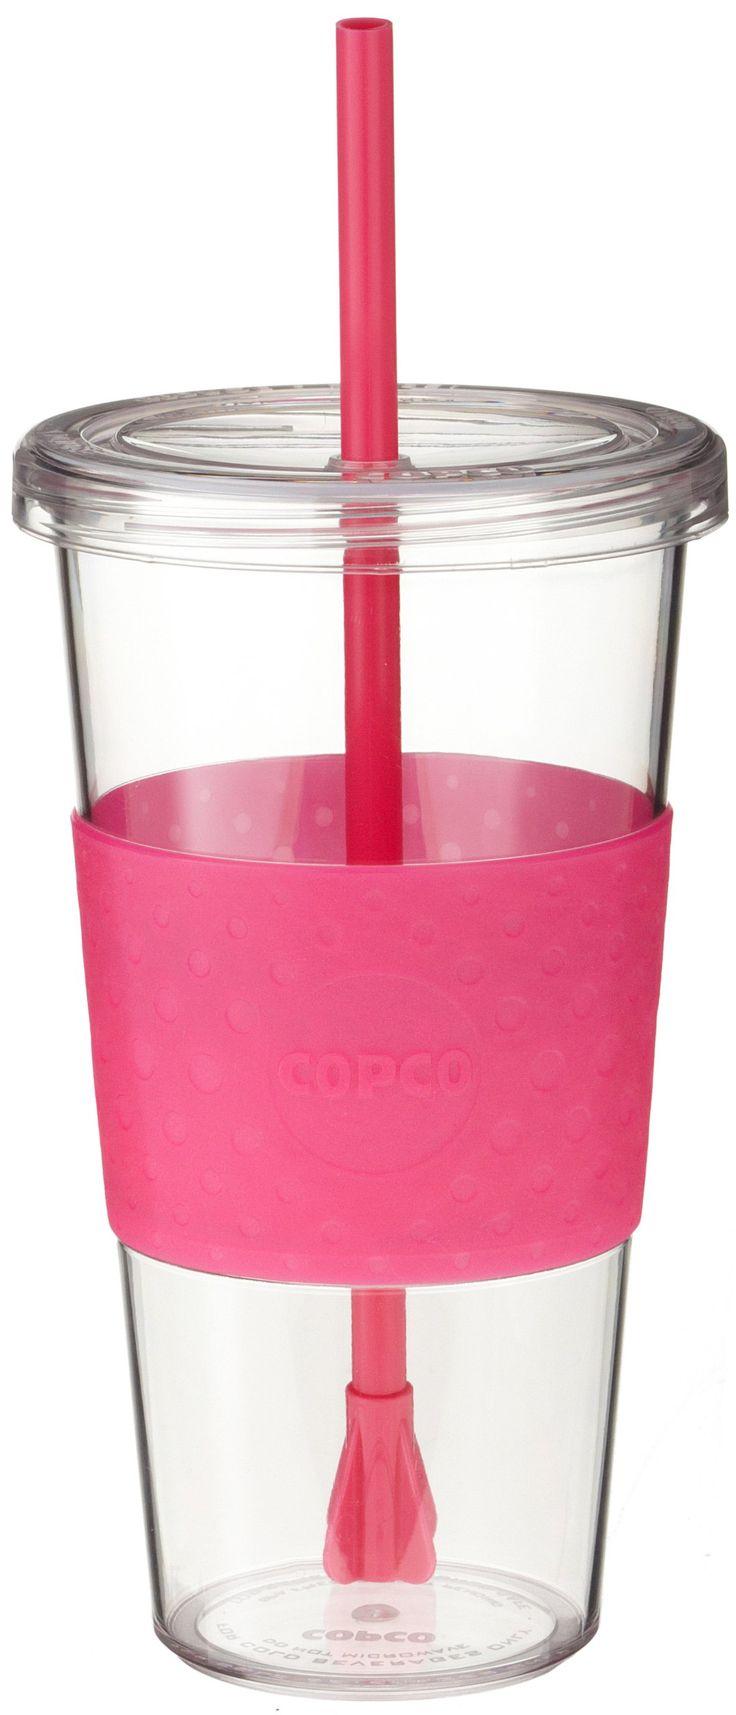 Copco 2510-9976 - Vaso , 700 ml, color rosa: Amazon.es: Hogar